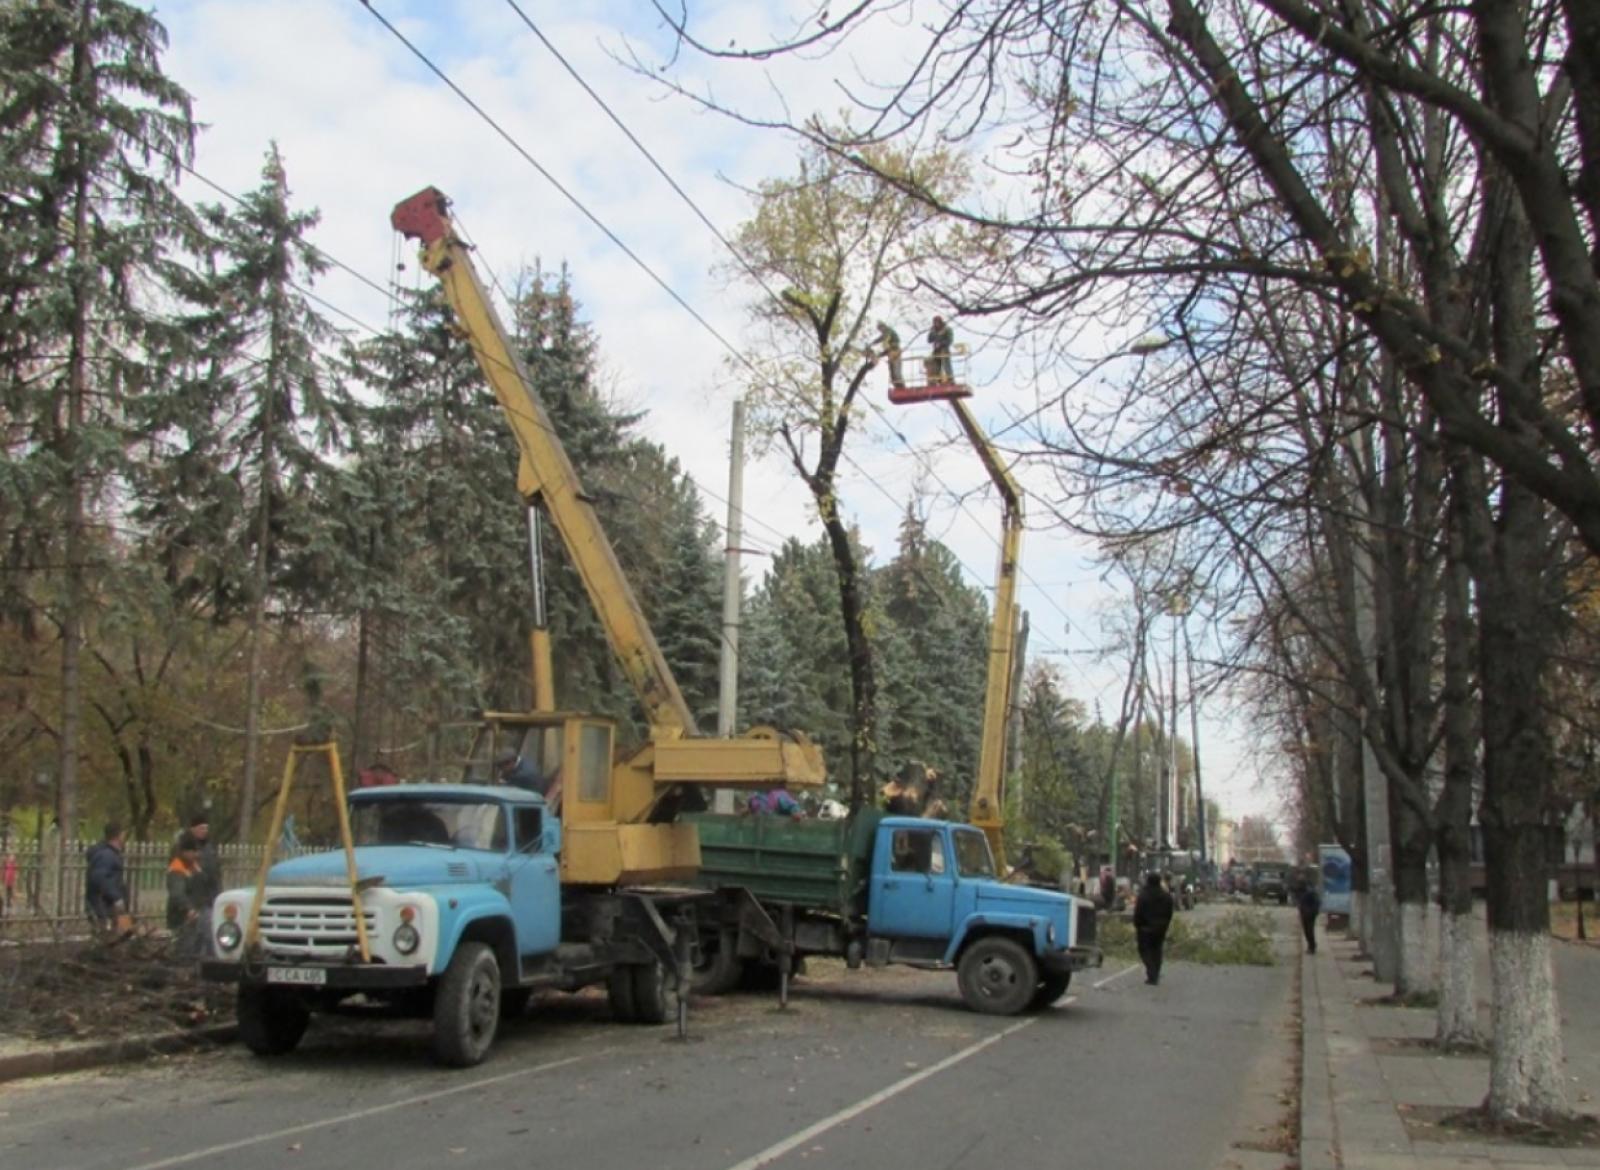 Sâmbătă, circulația pe strada Uzinelor din capitală va fi suspendată